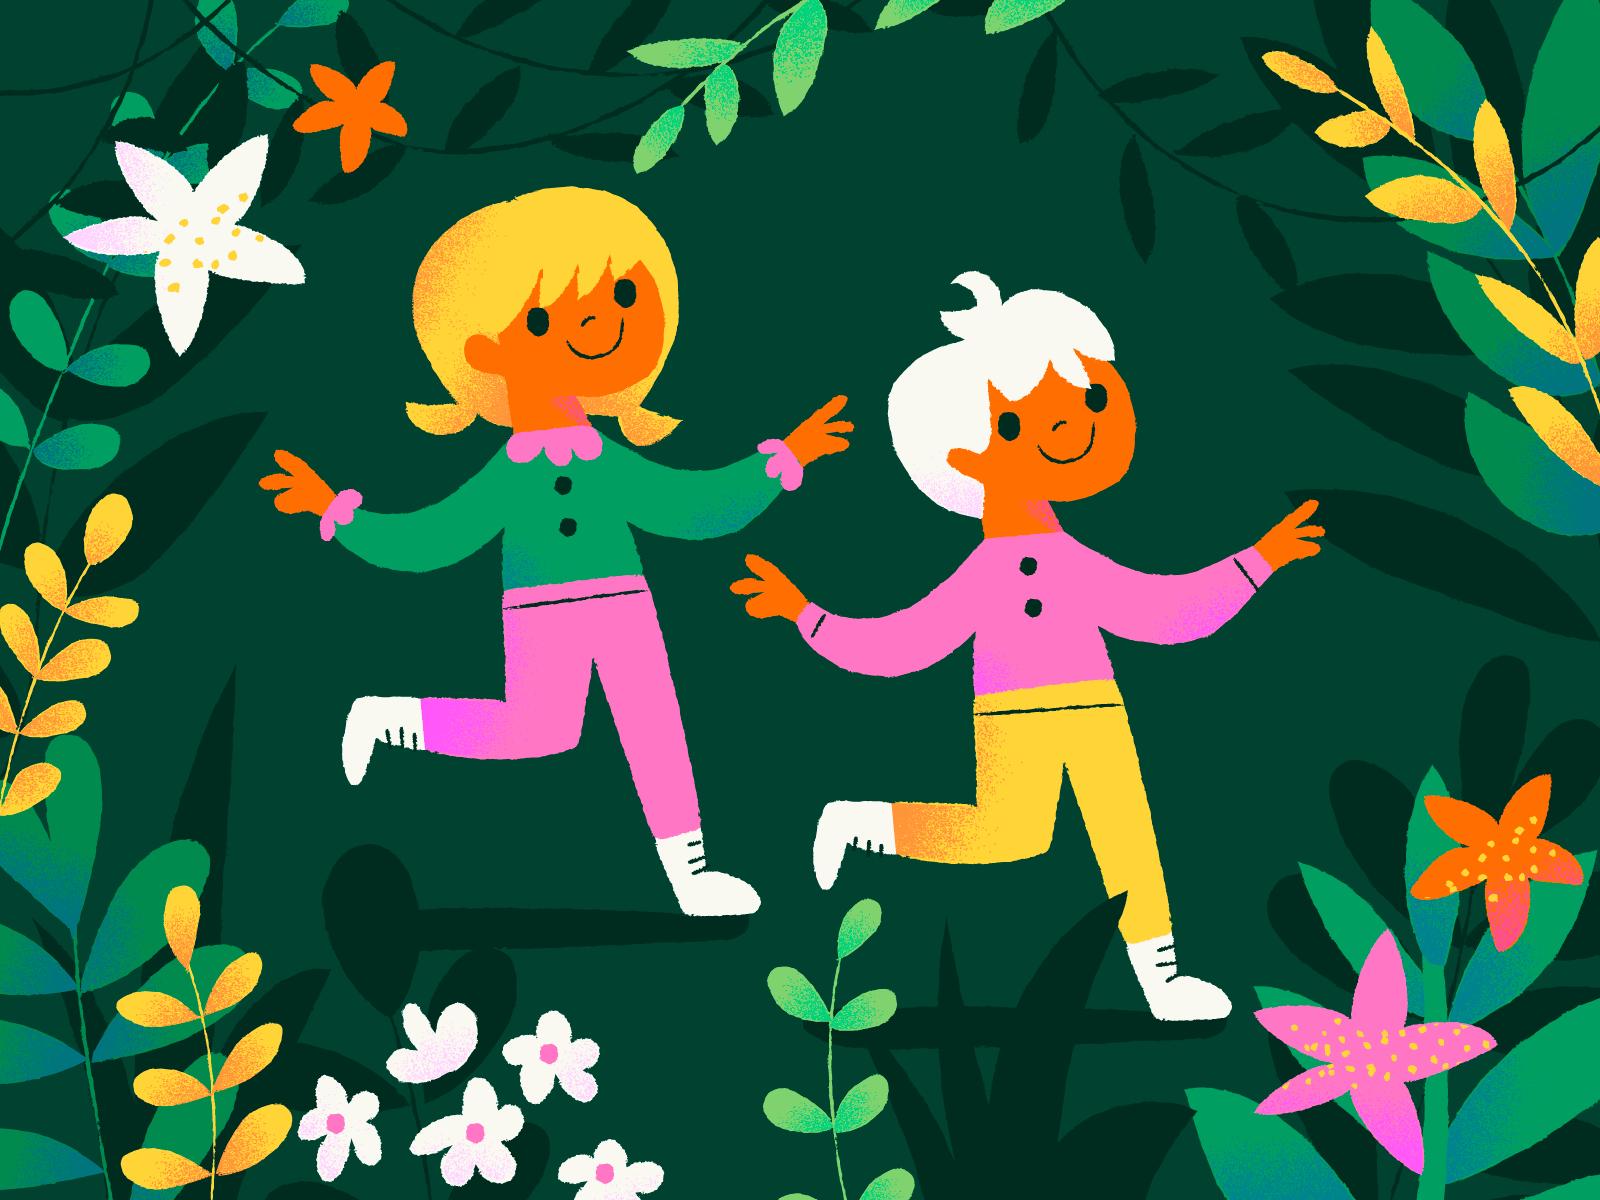 Gekleurde Illustratie van 2 kinderen, planten en bloemen, autora Anna Hurley